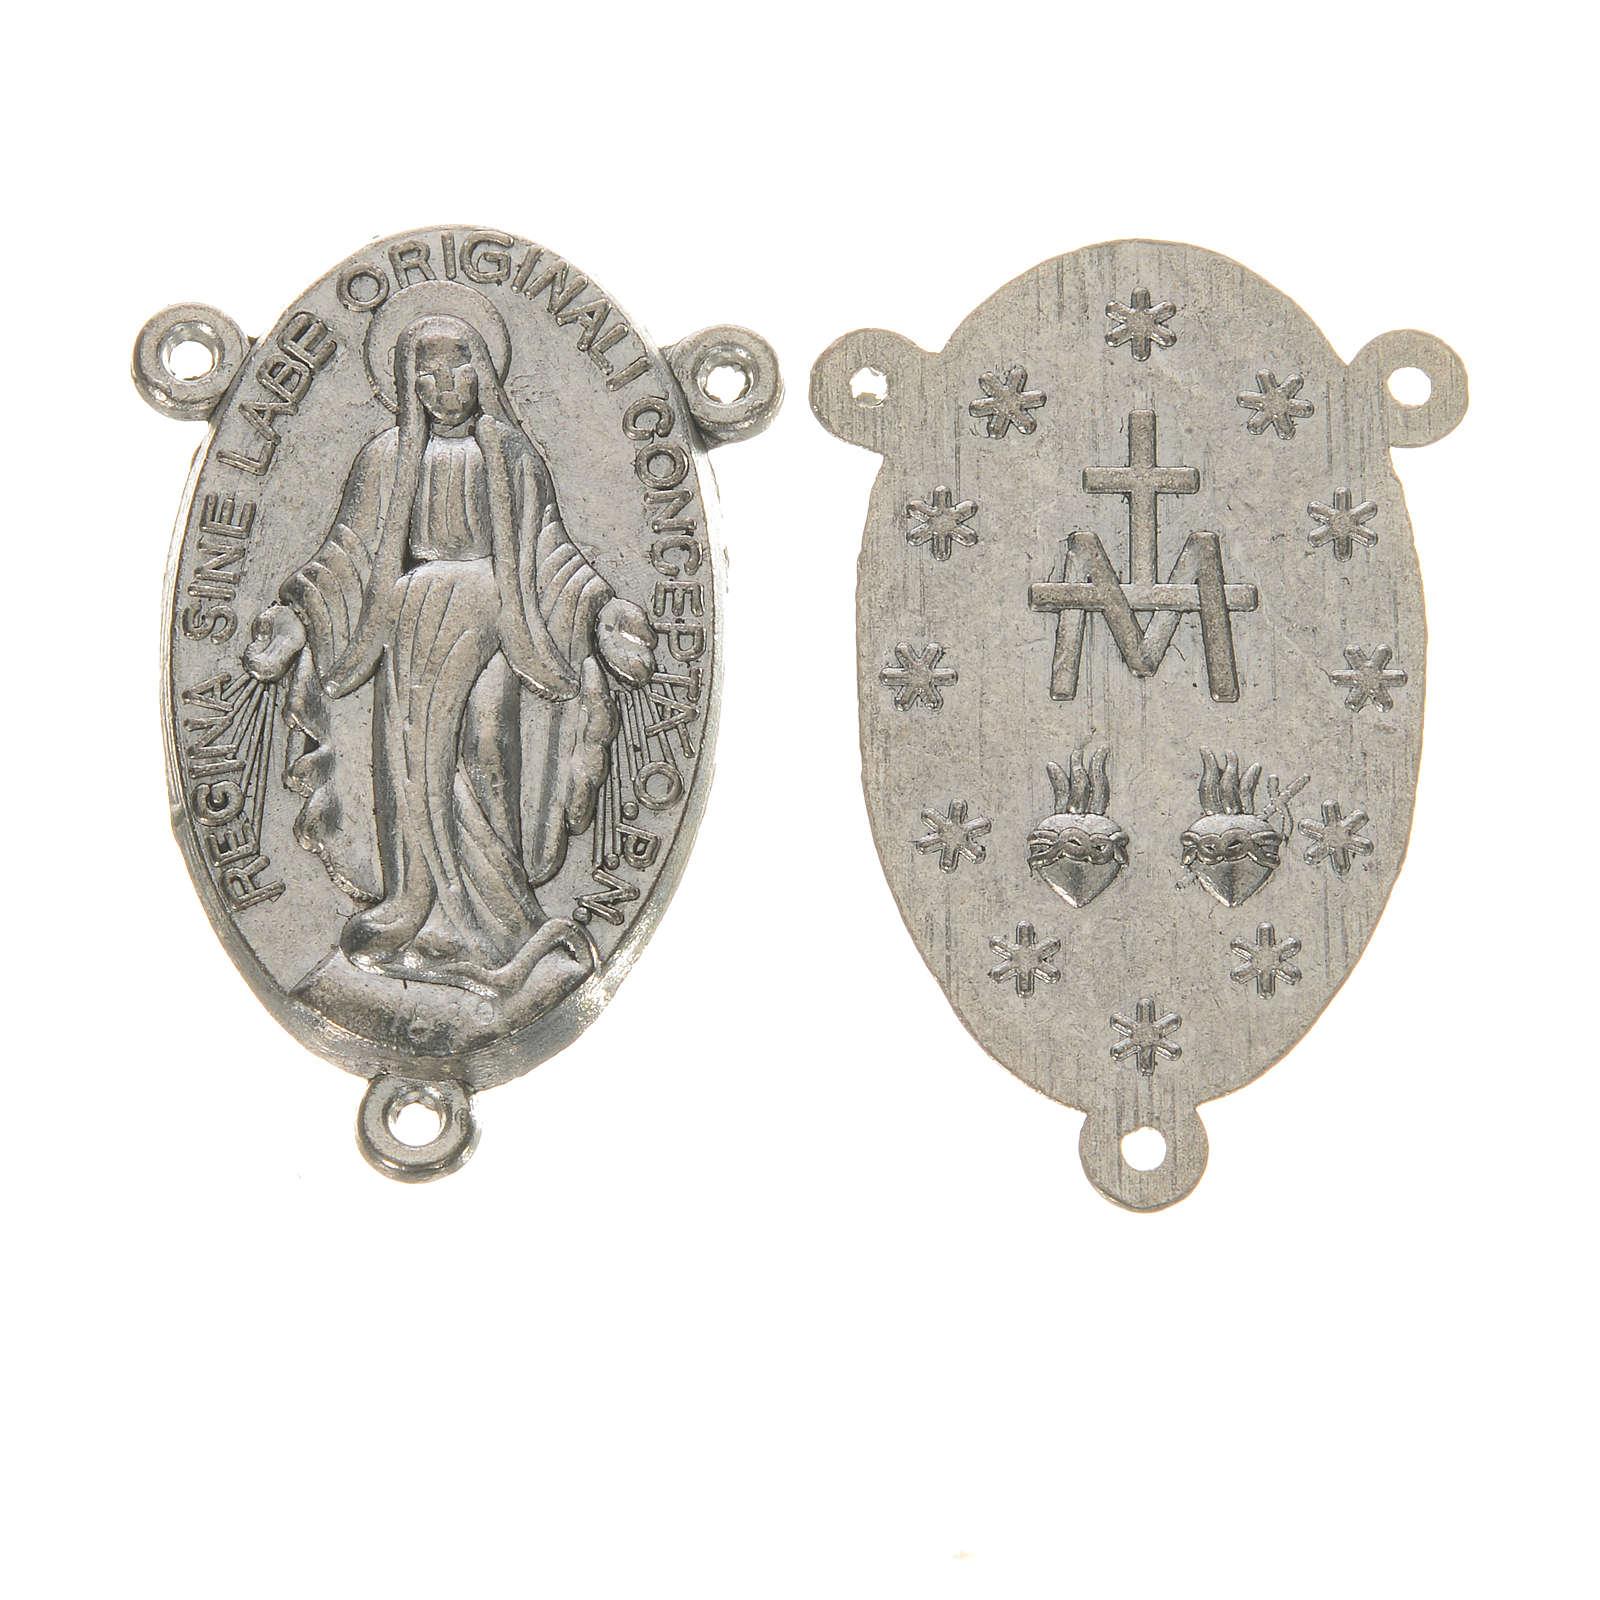 Crociera Madonna Miracolosa 4